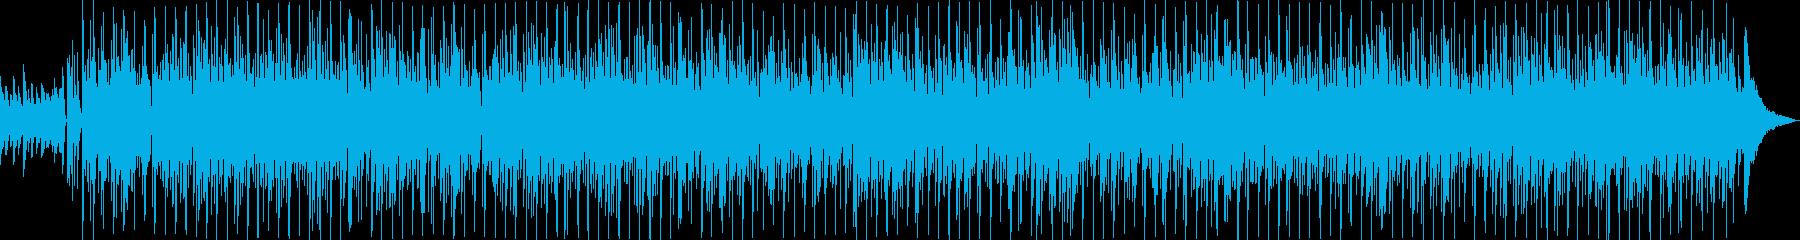 癒しのゆったりとしたボサノバの再生済みの波形